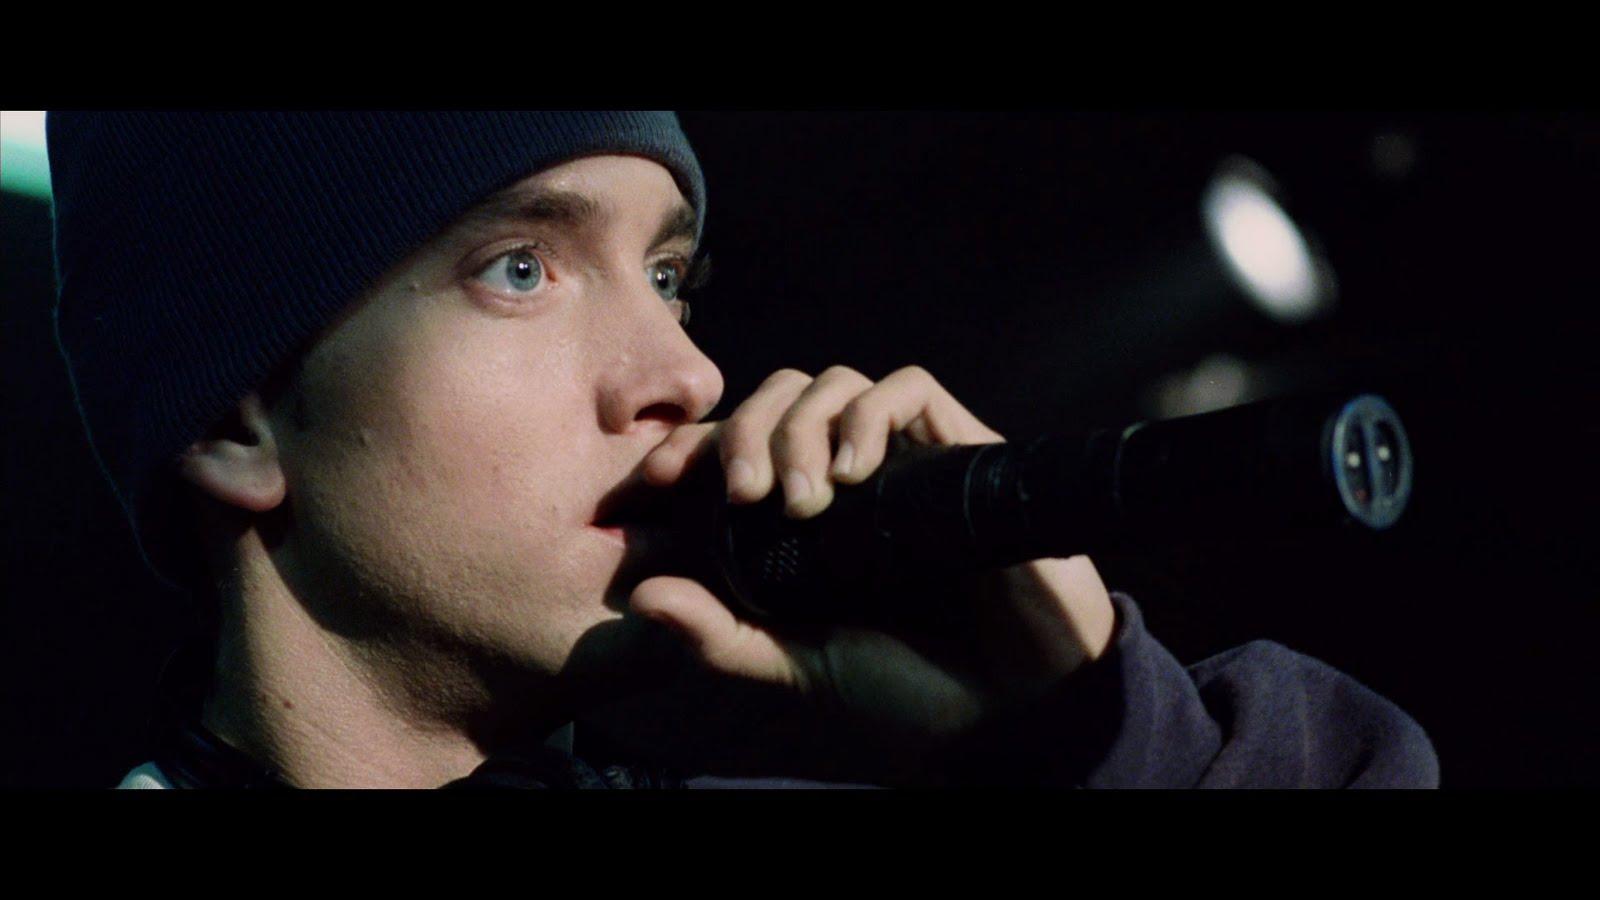 http://2.bp.blogspot.com/_eBd5P8Wu0HY/TVGE9OmWdRI/AAAAAAAAADY/atS8jZOU6QM/s1600/Eminem%252BWallpapers%252B8%252BMile%252BMusic%252BContest.jpg